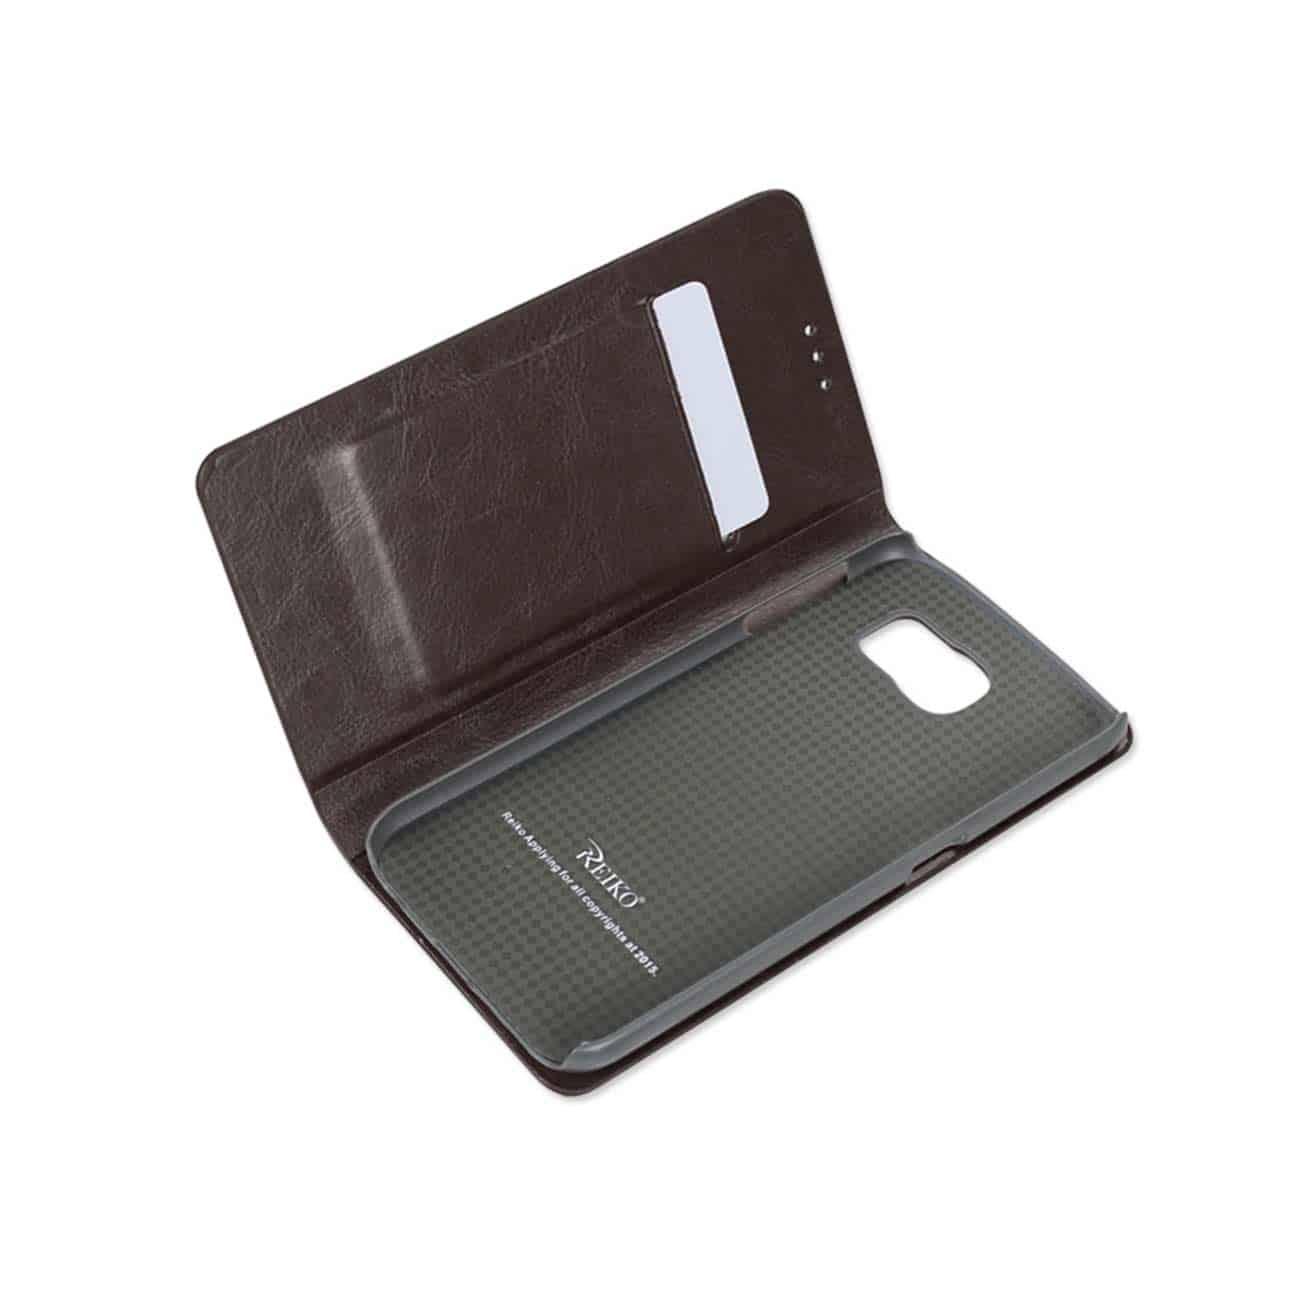 SAMSUNG GALAXY S6 FLIP FOLIO CASE WITH CARD HOLDER IN BROWN